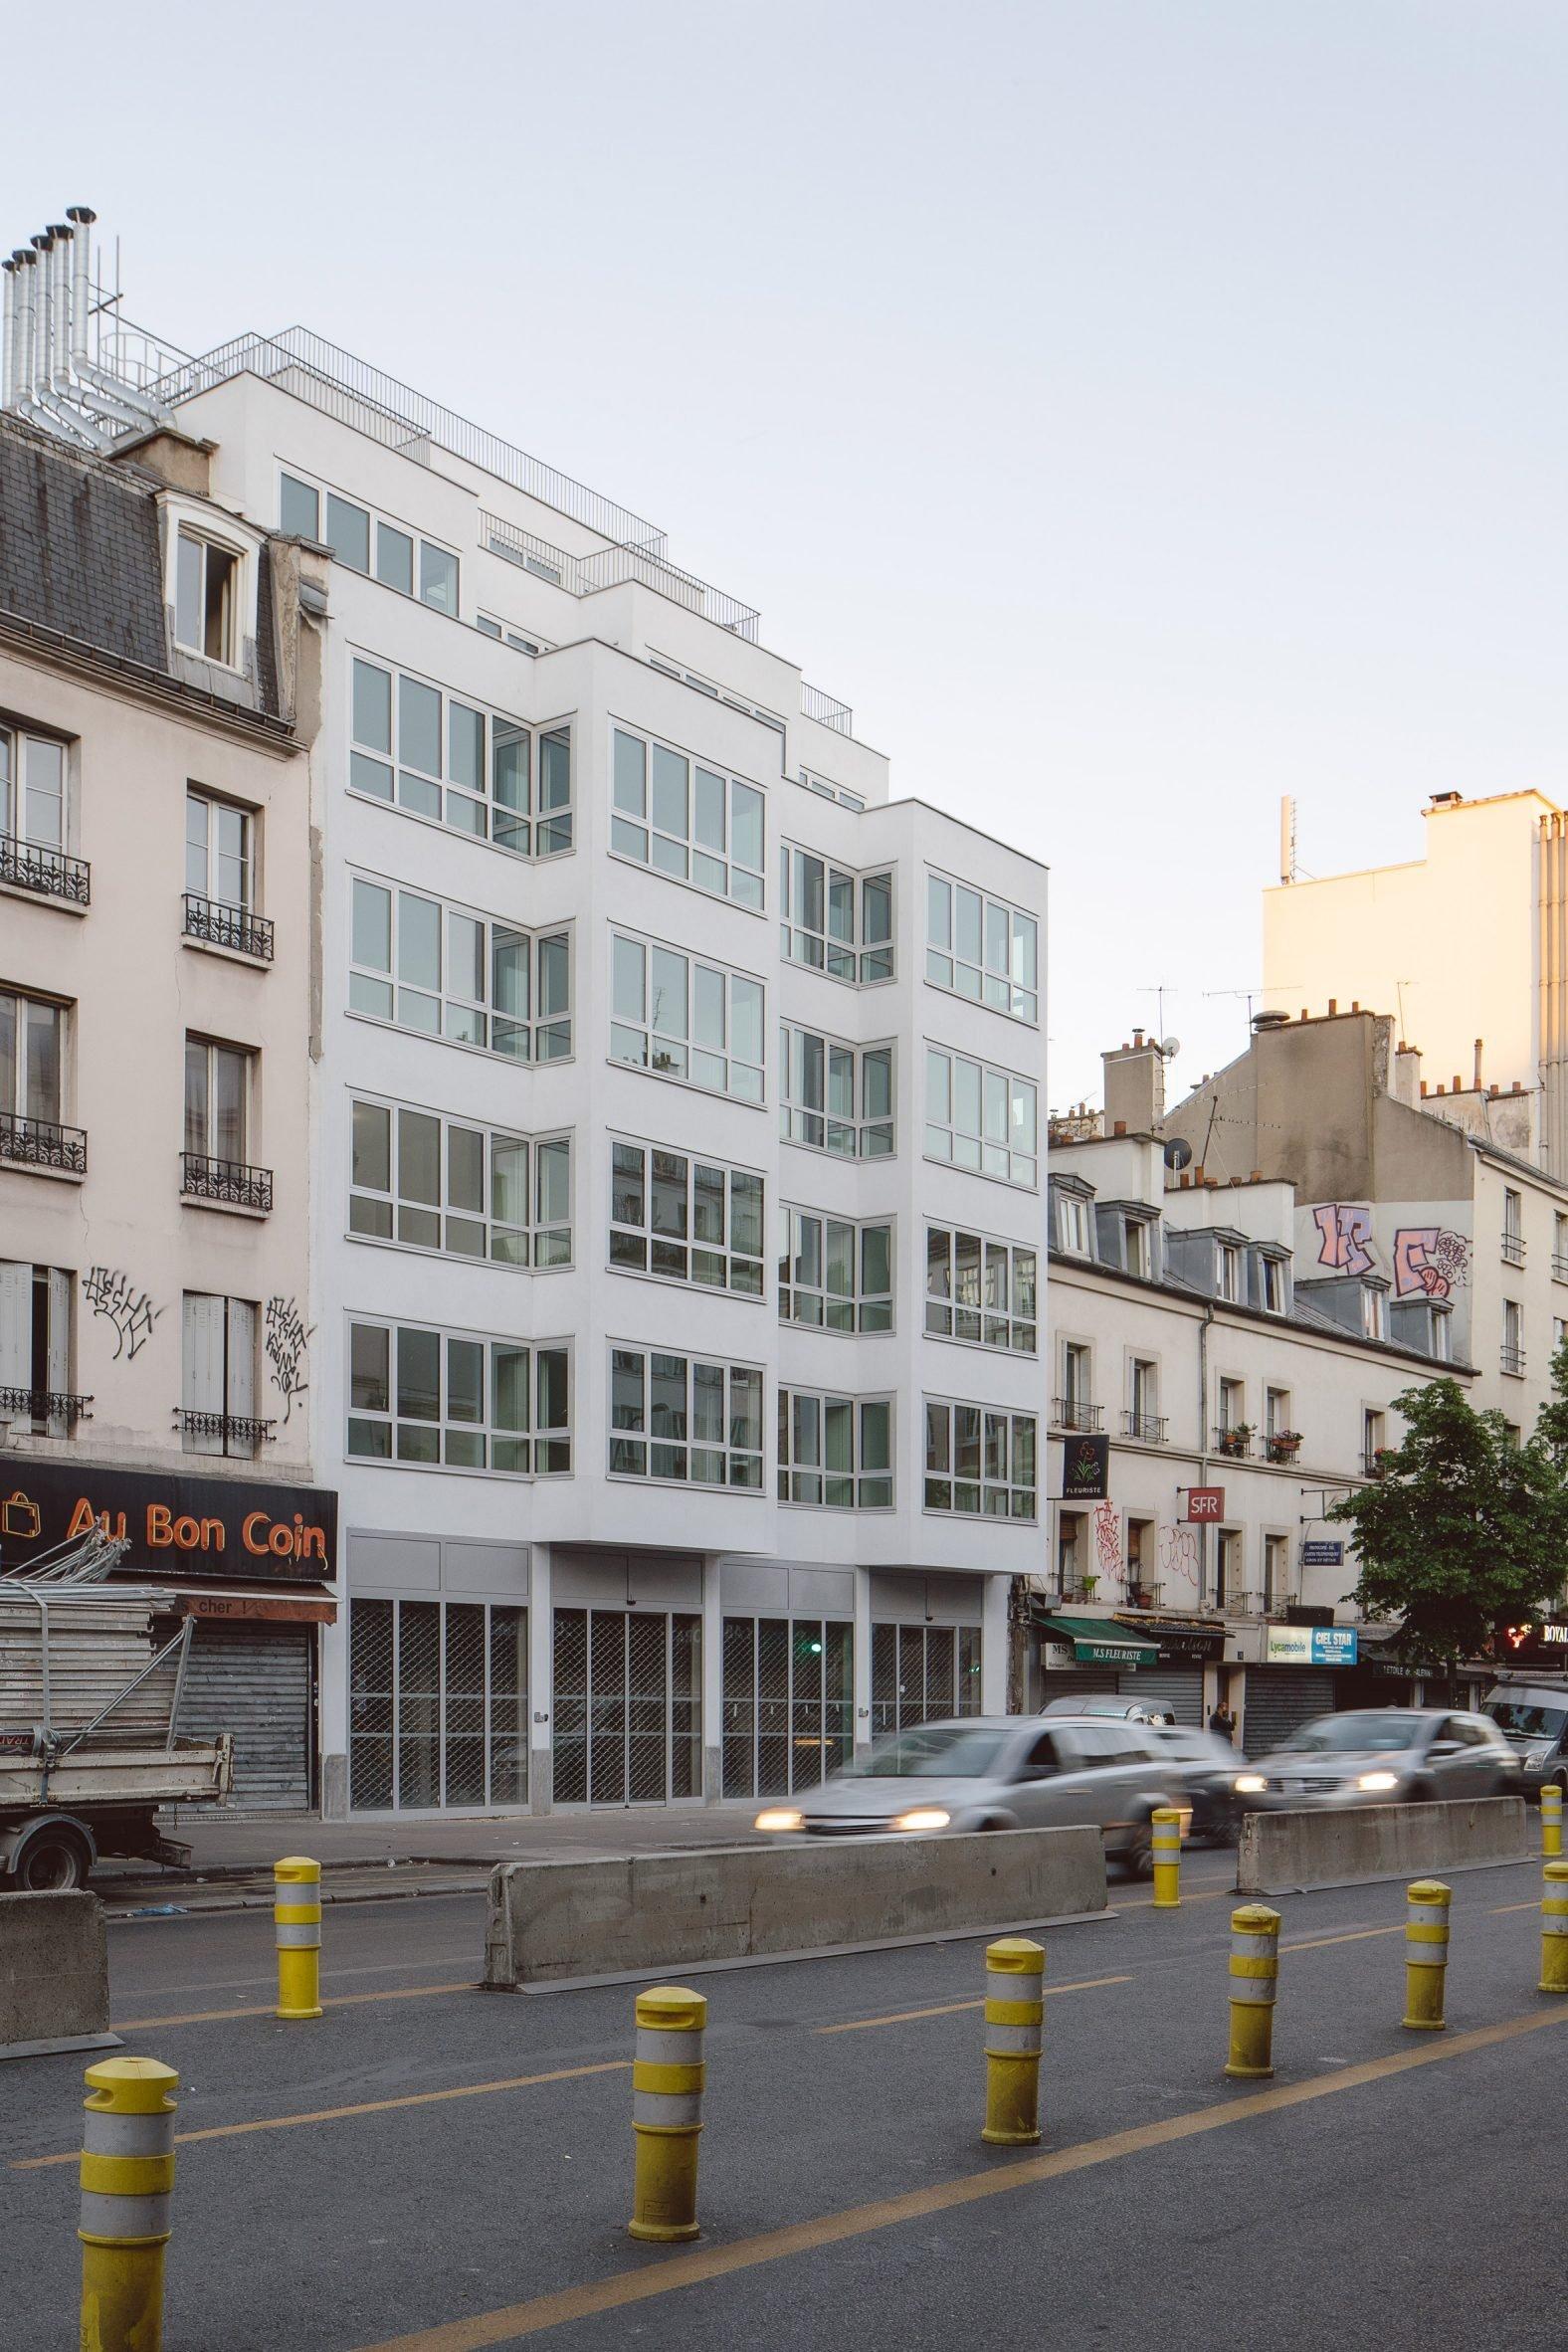 A white social housing block in Paris